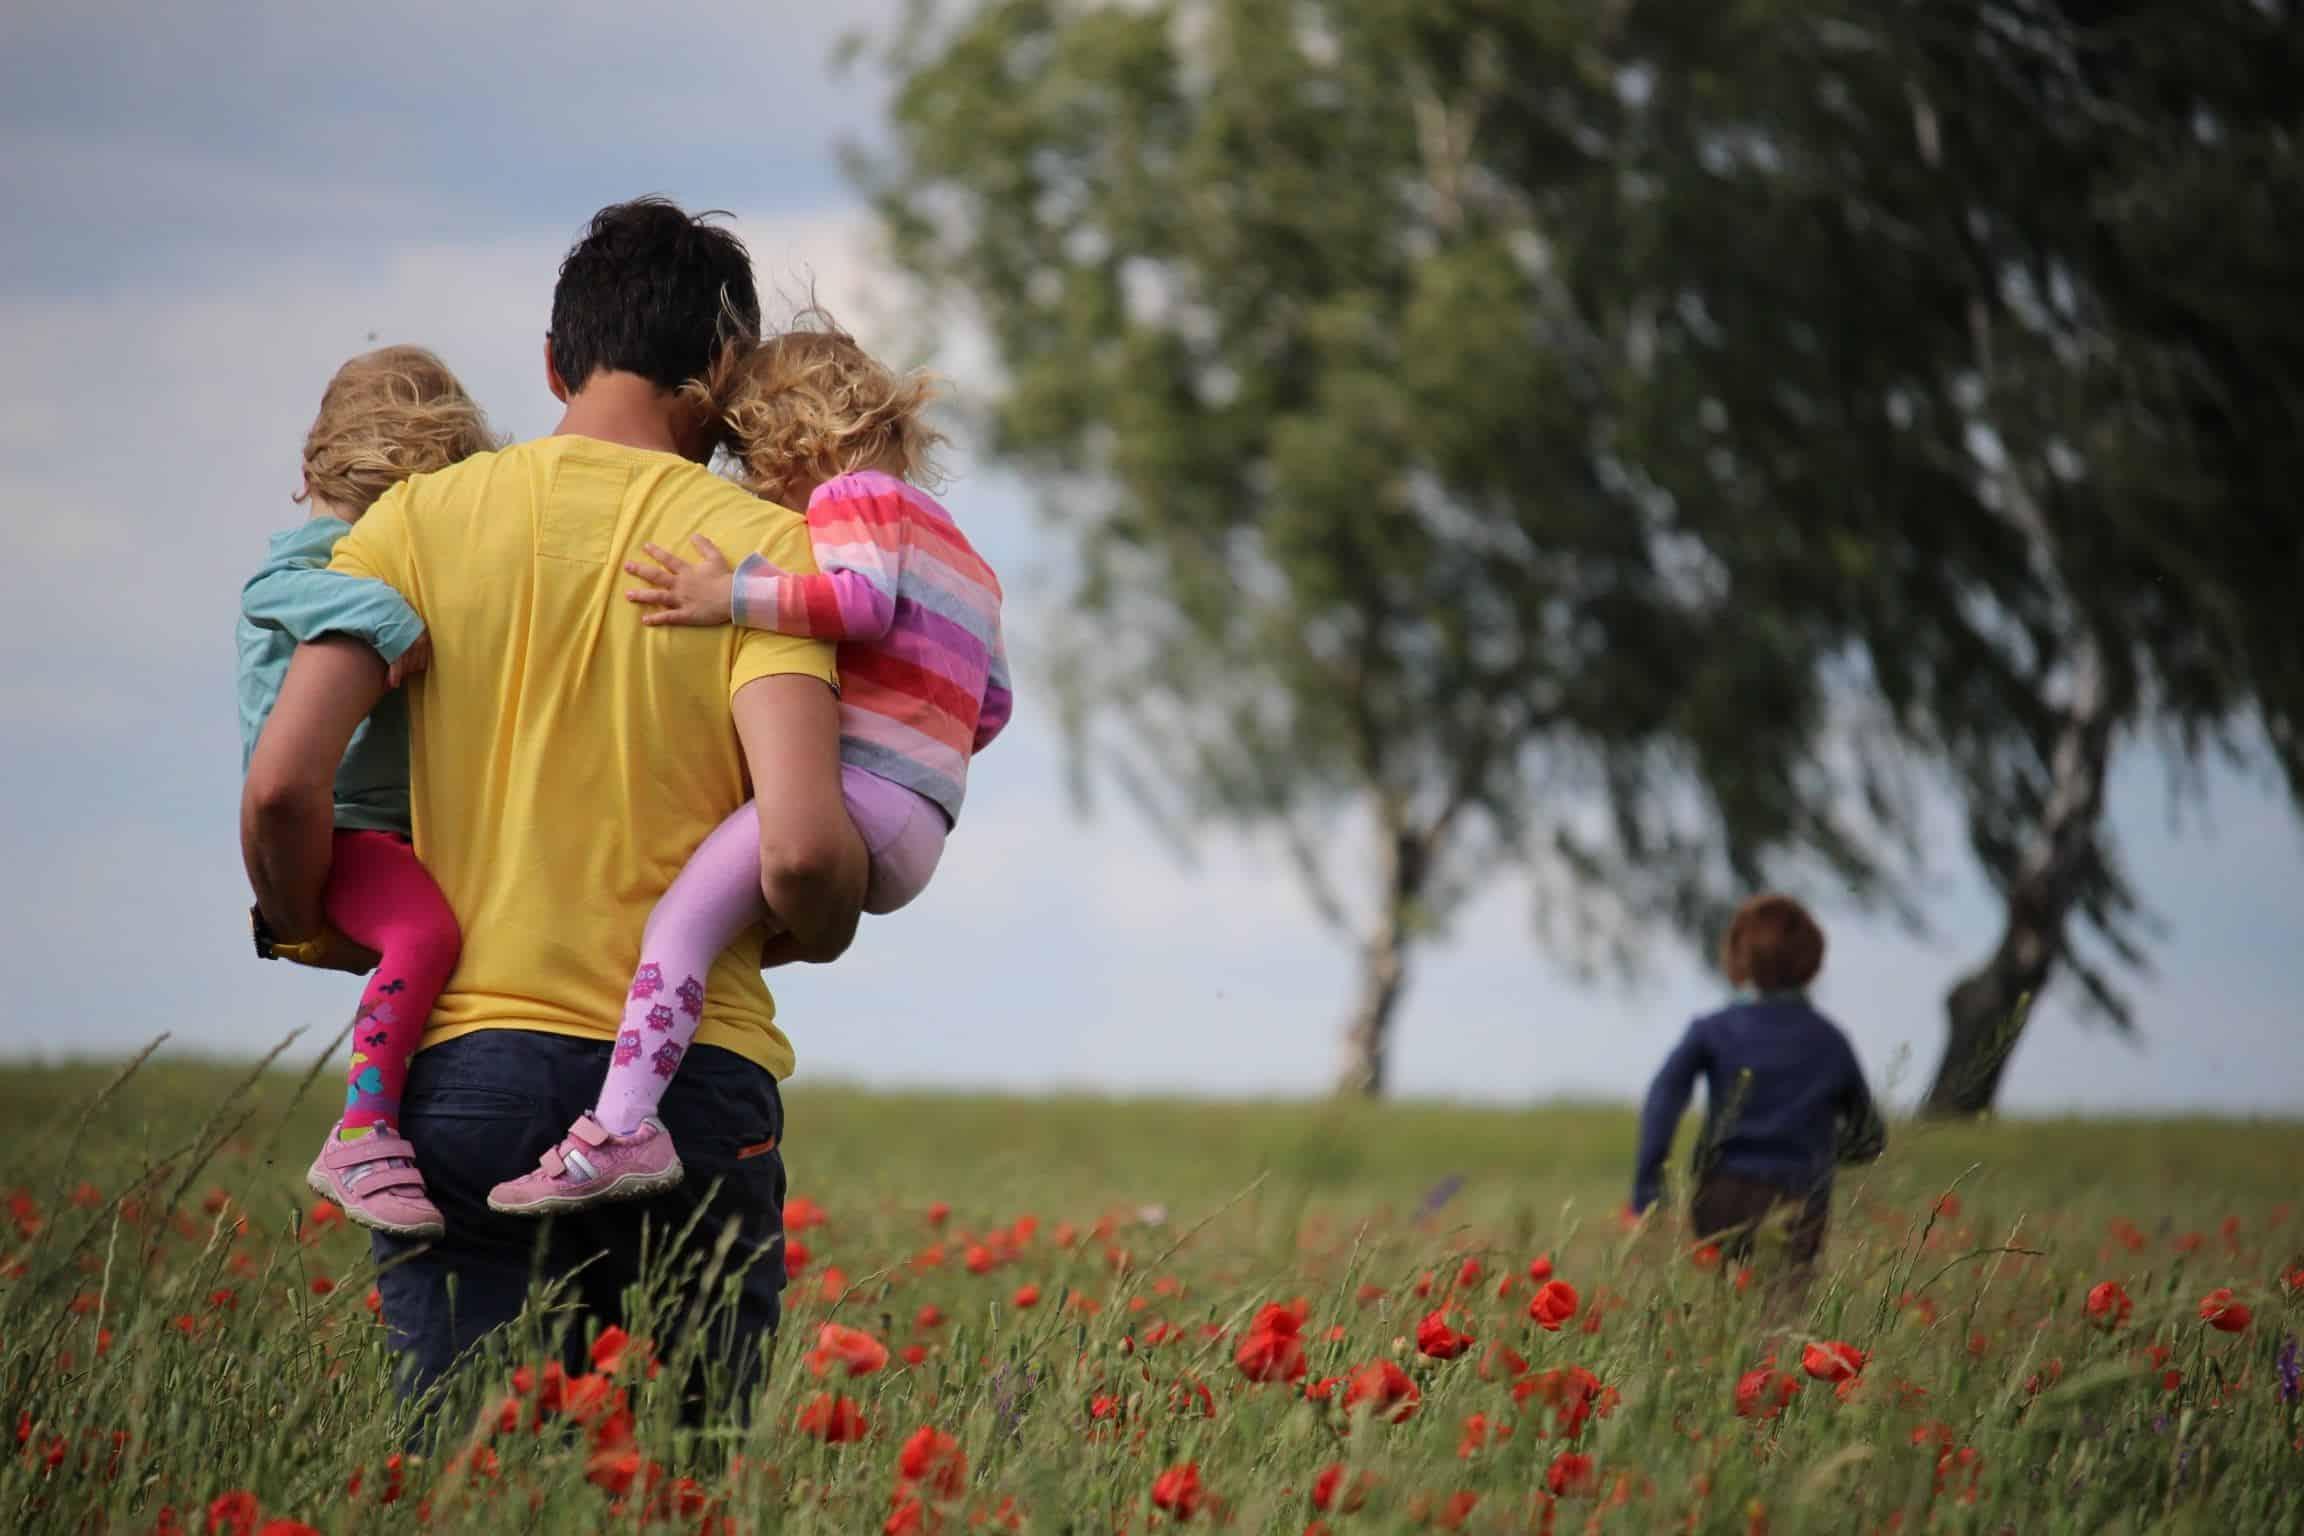 man carrying kids